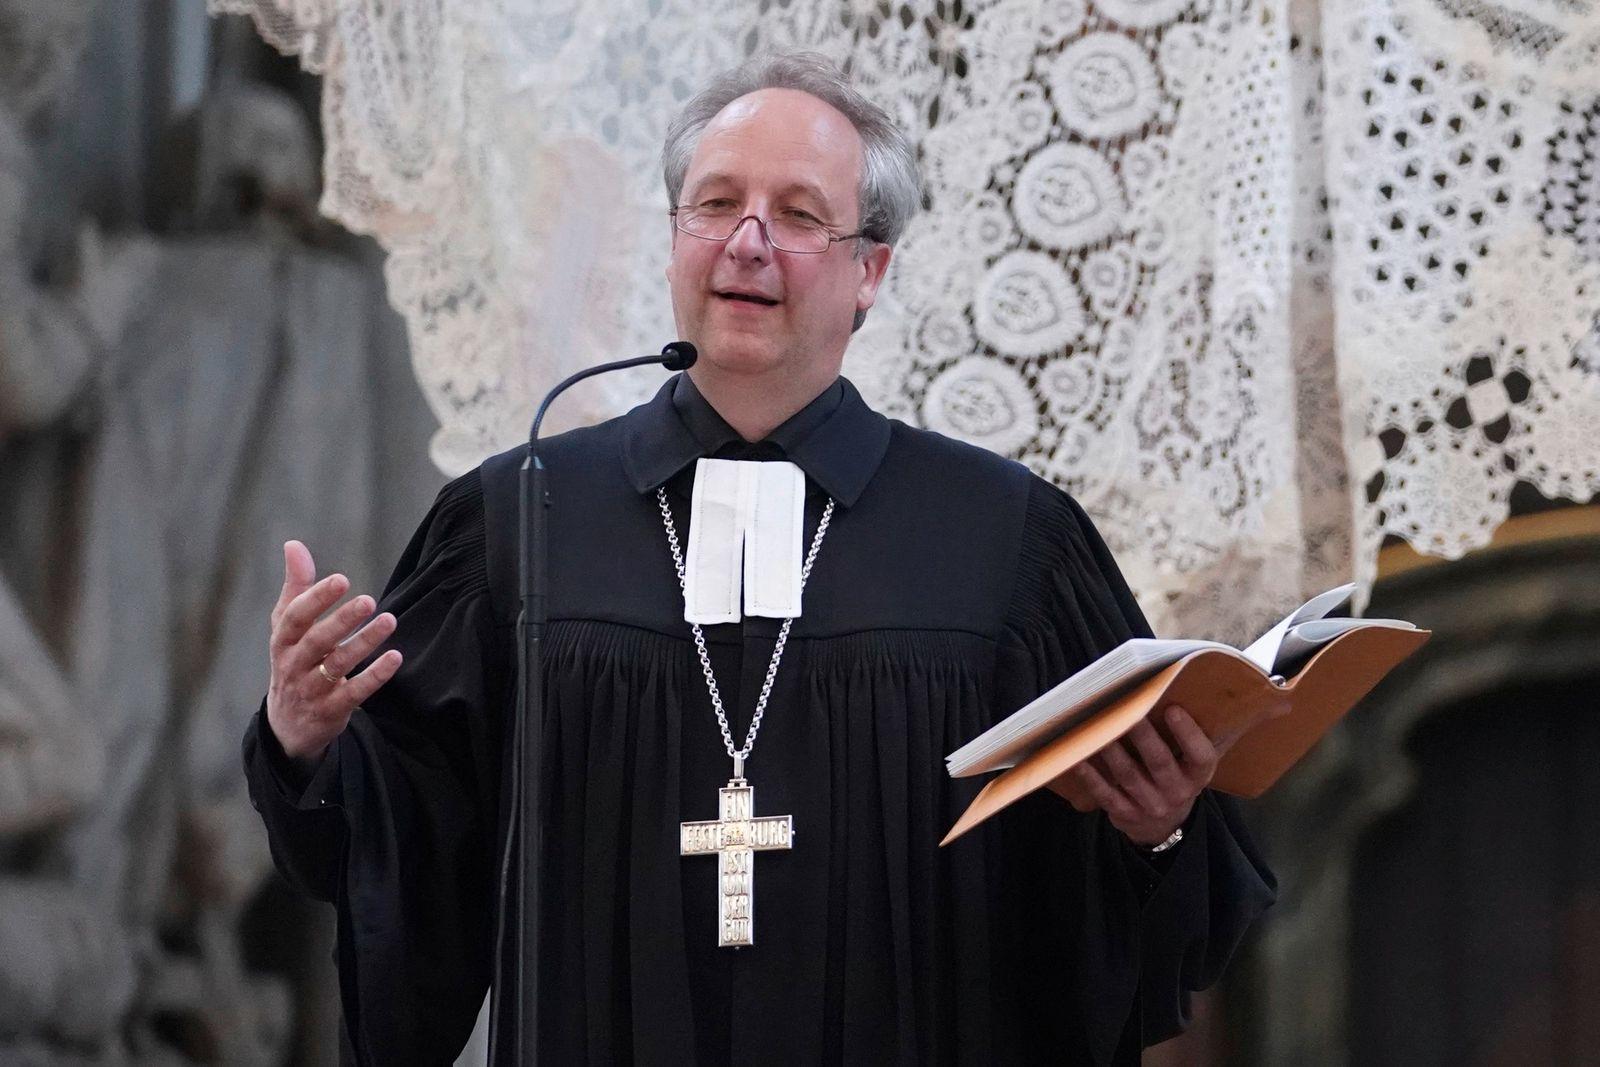 Bischof entschuldigt sich bei sexuellen Minderheiten